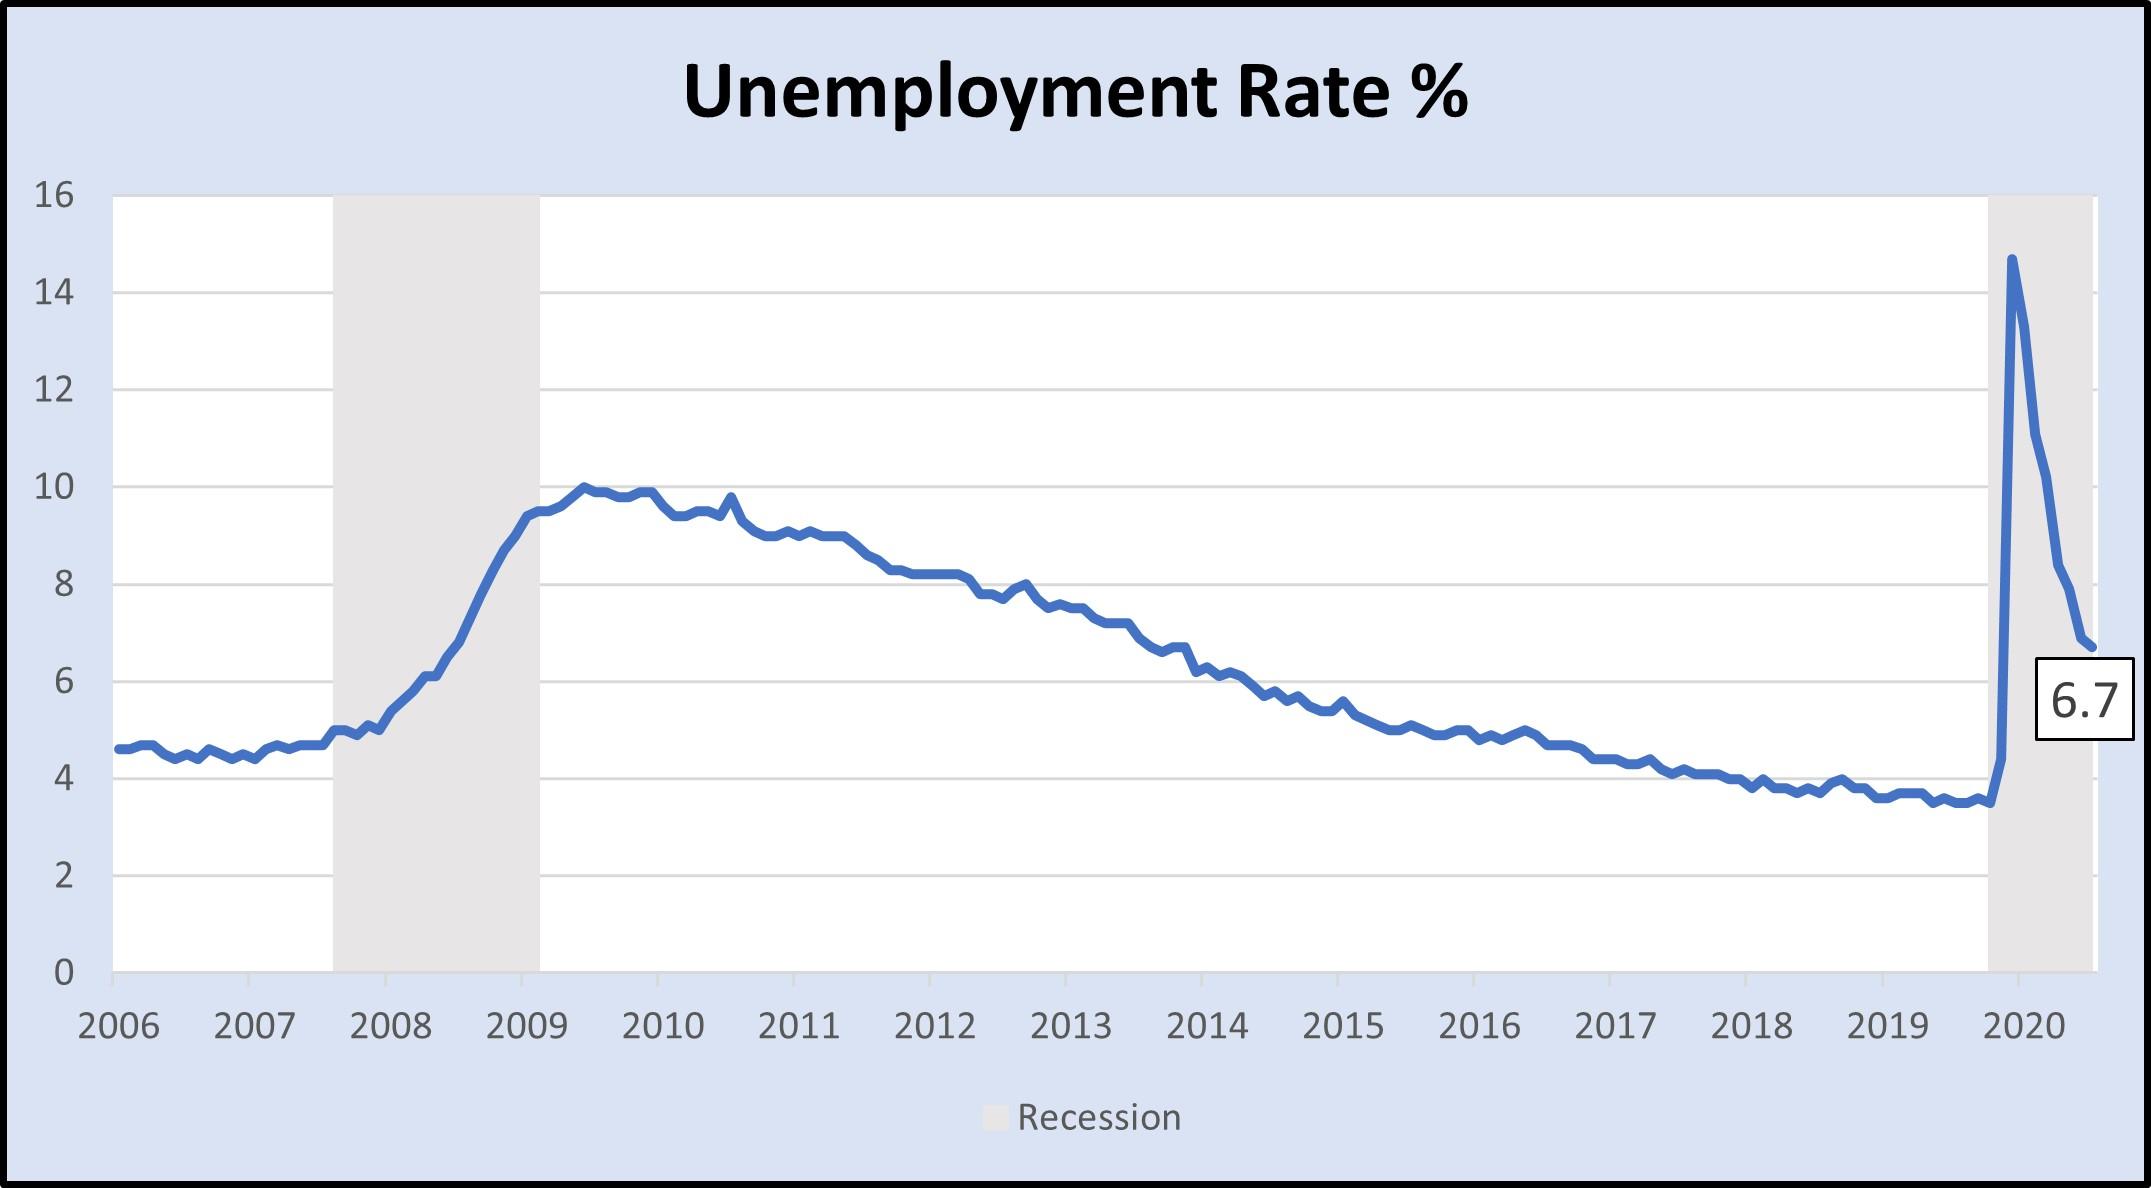 US Unemployment Rate %